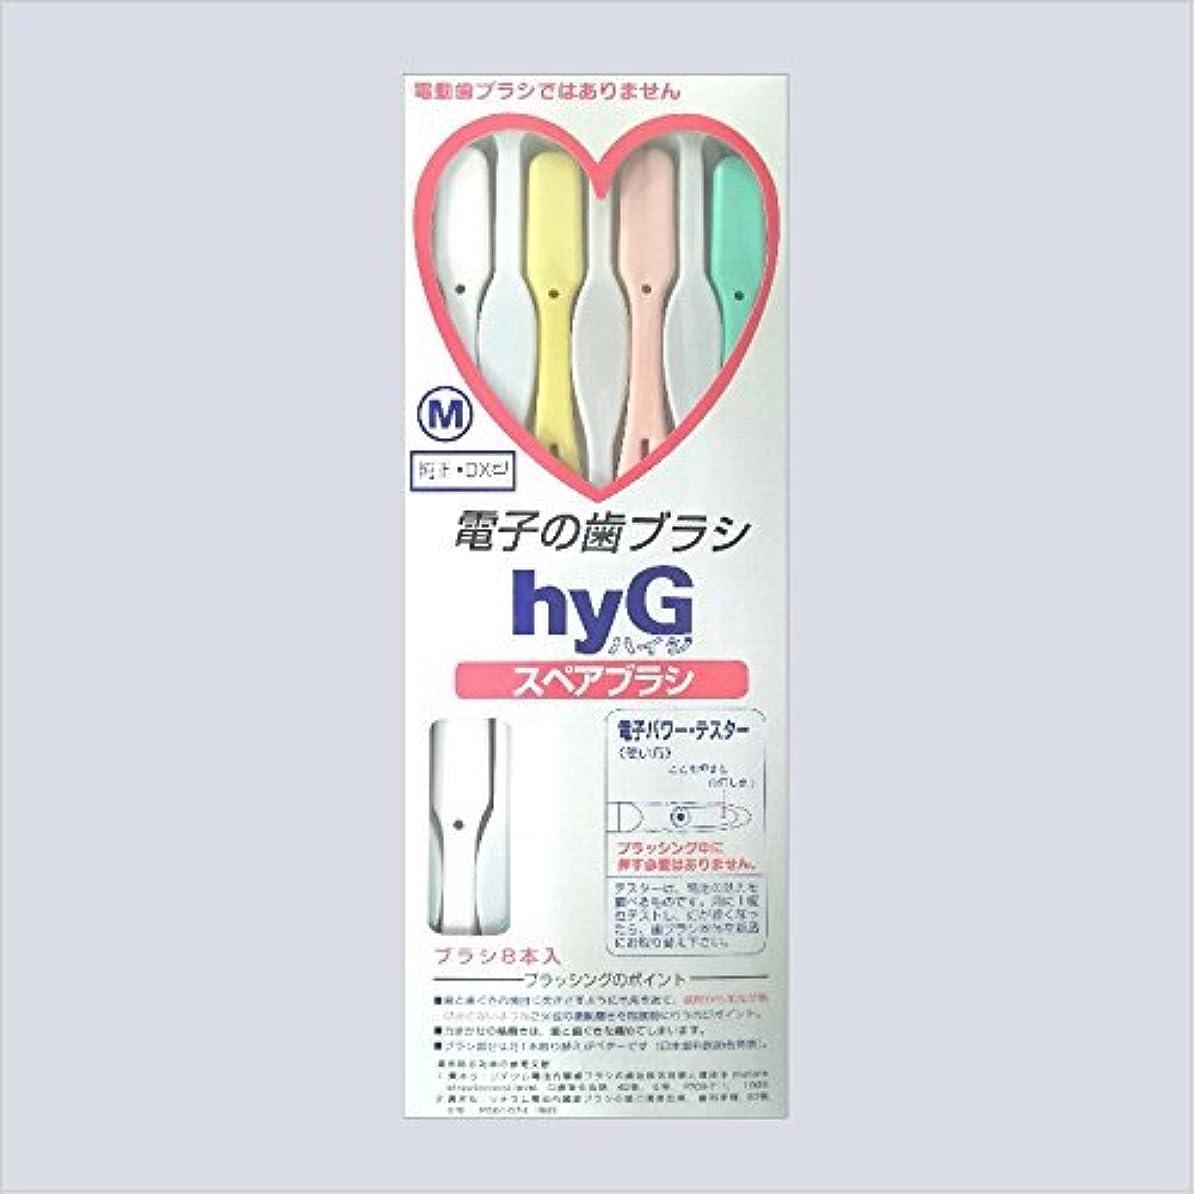 哲学宿命アカウント電子の歯ブラシ ハイジ(hyG)?スペアブラシ <ブラシの硬さ:Mふつう> (※こちらは「スペアブラシ」です )?hyG-DX型